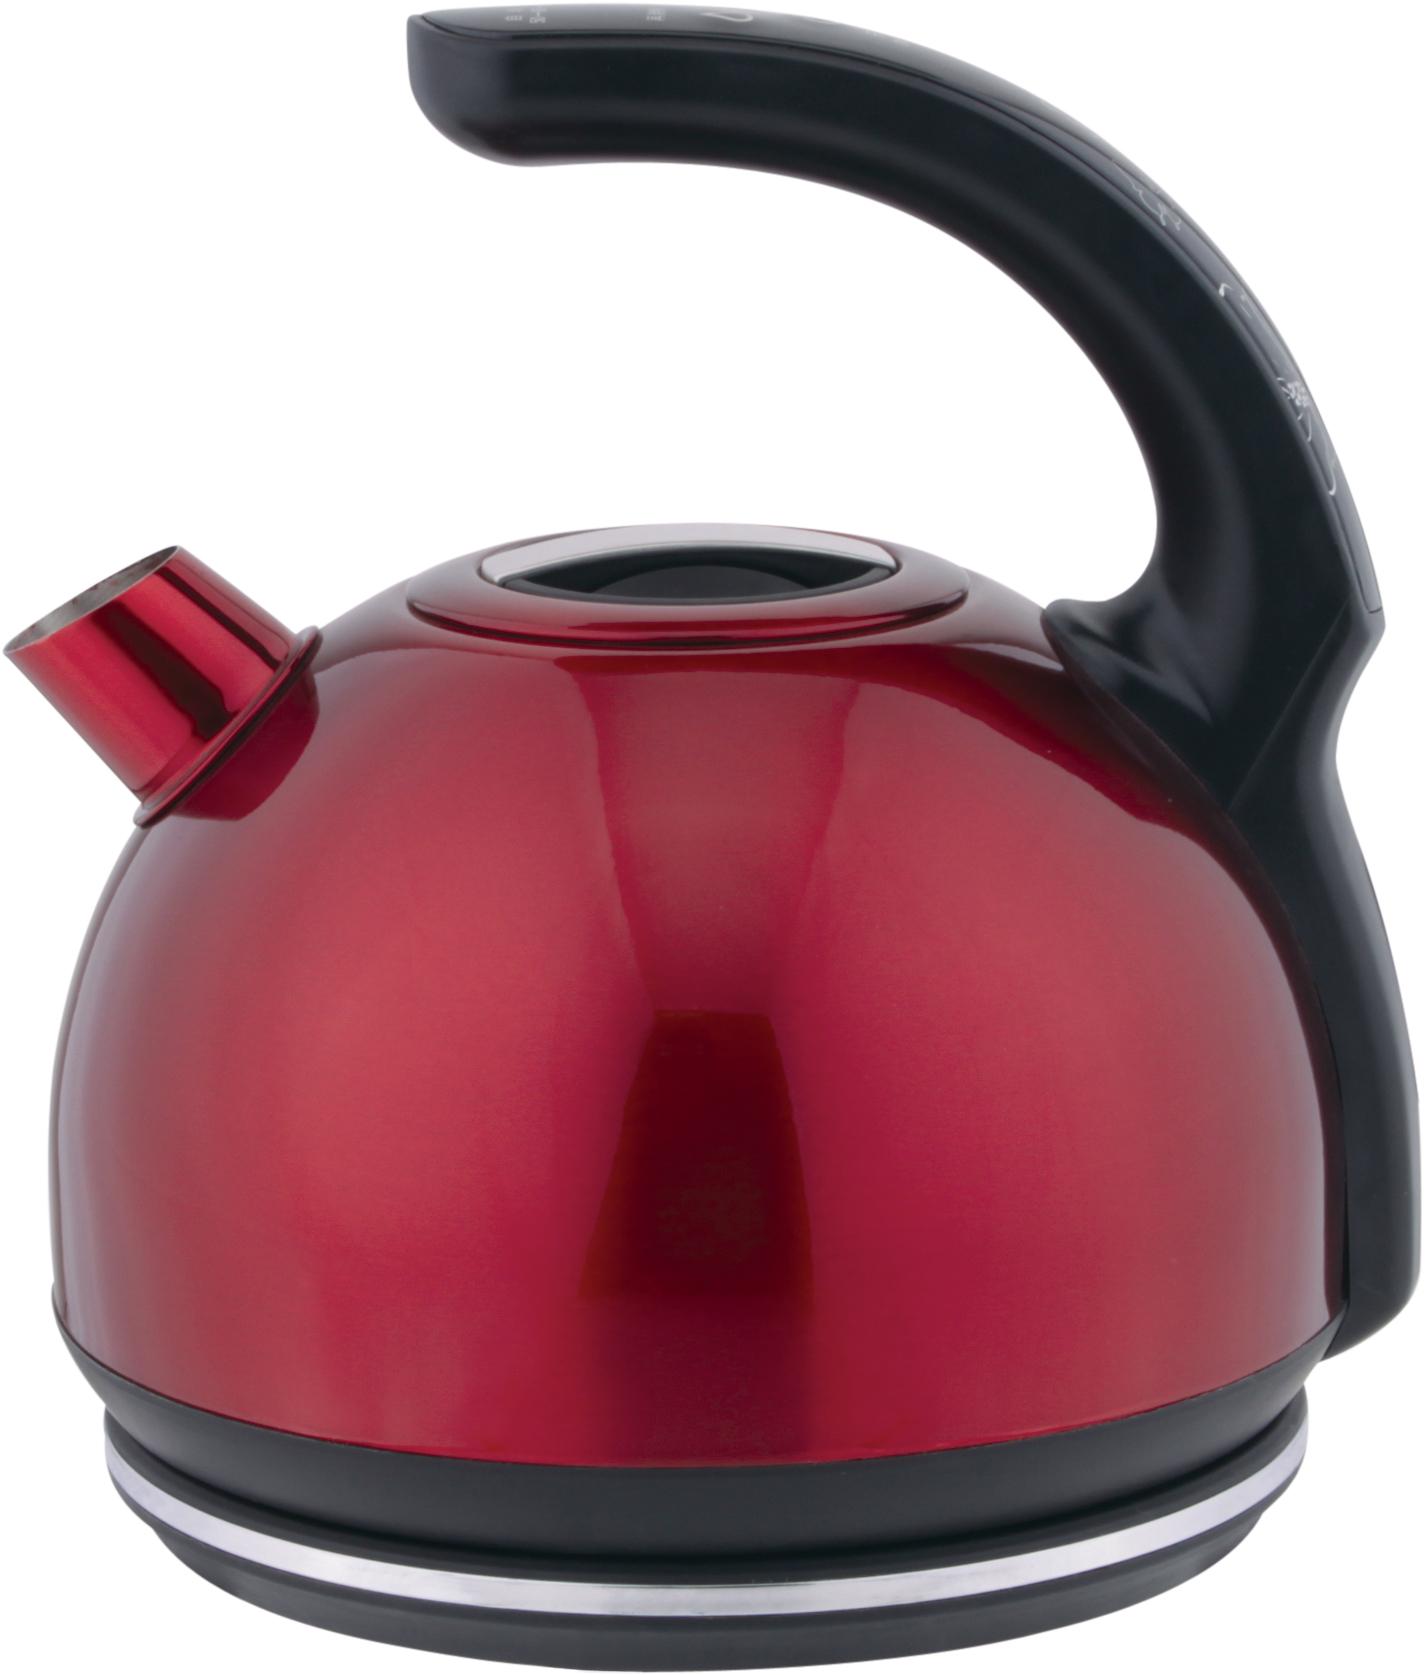 厨具 电热水壶图片